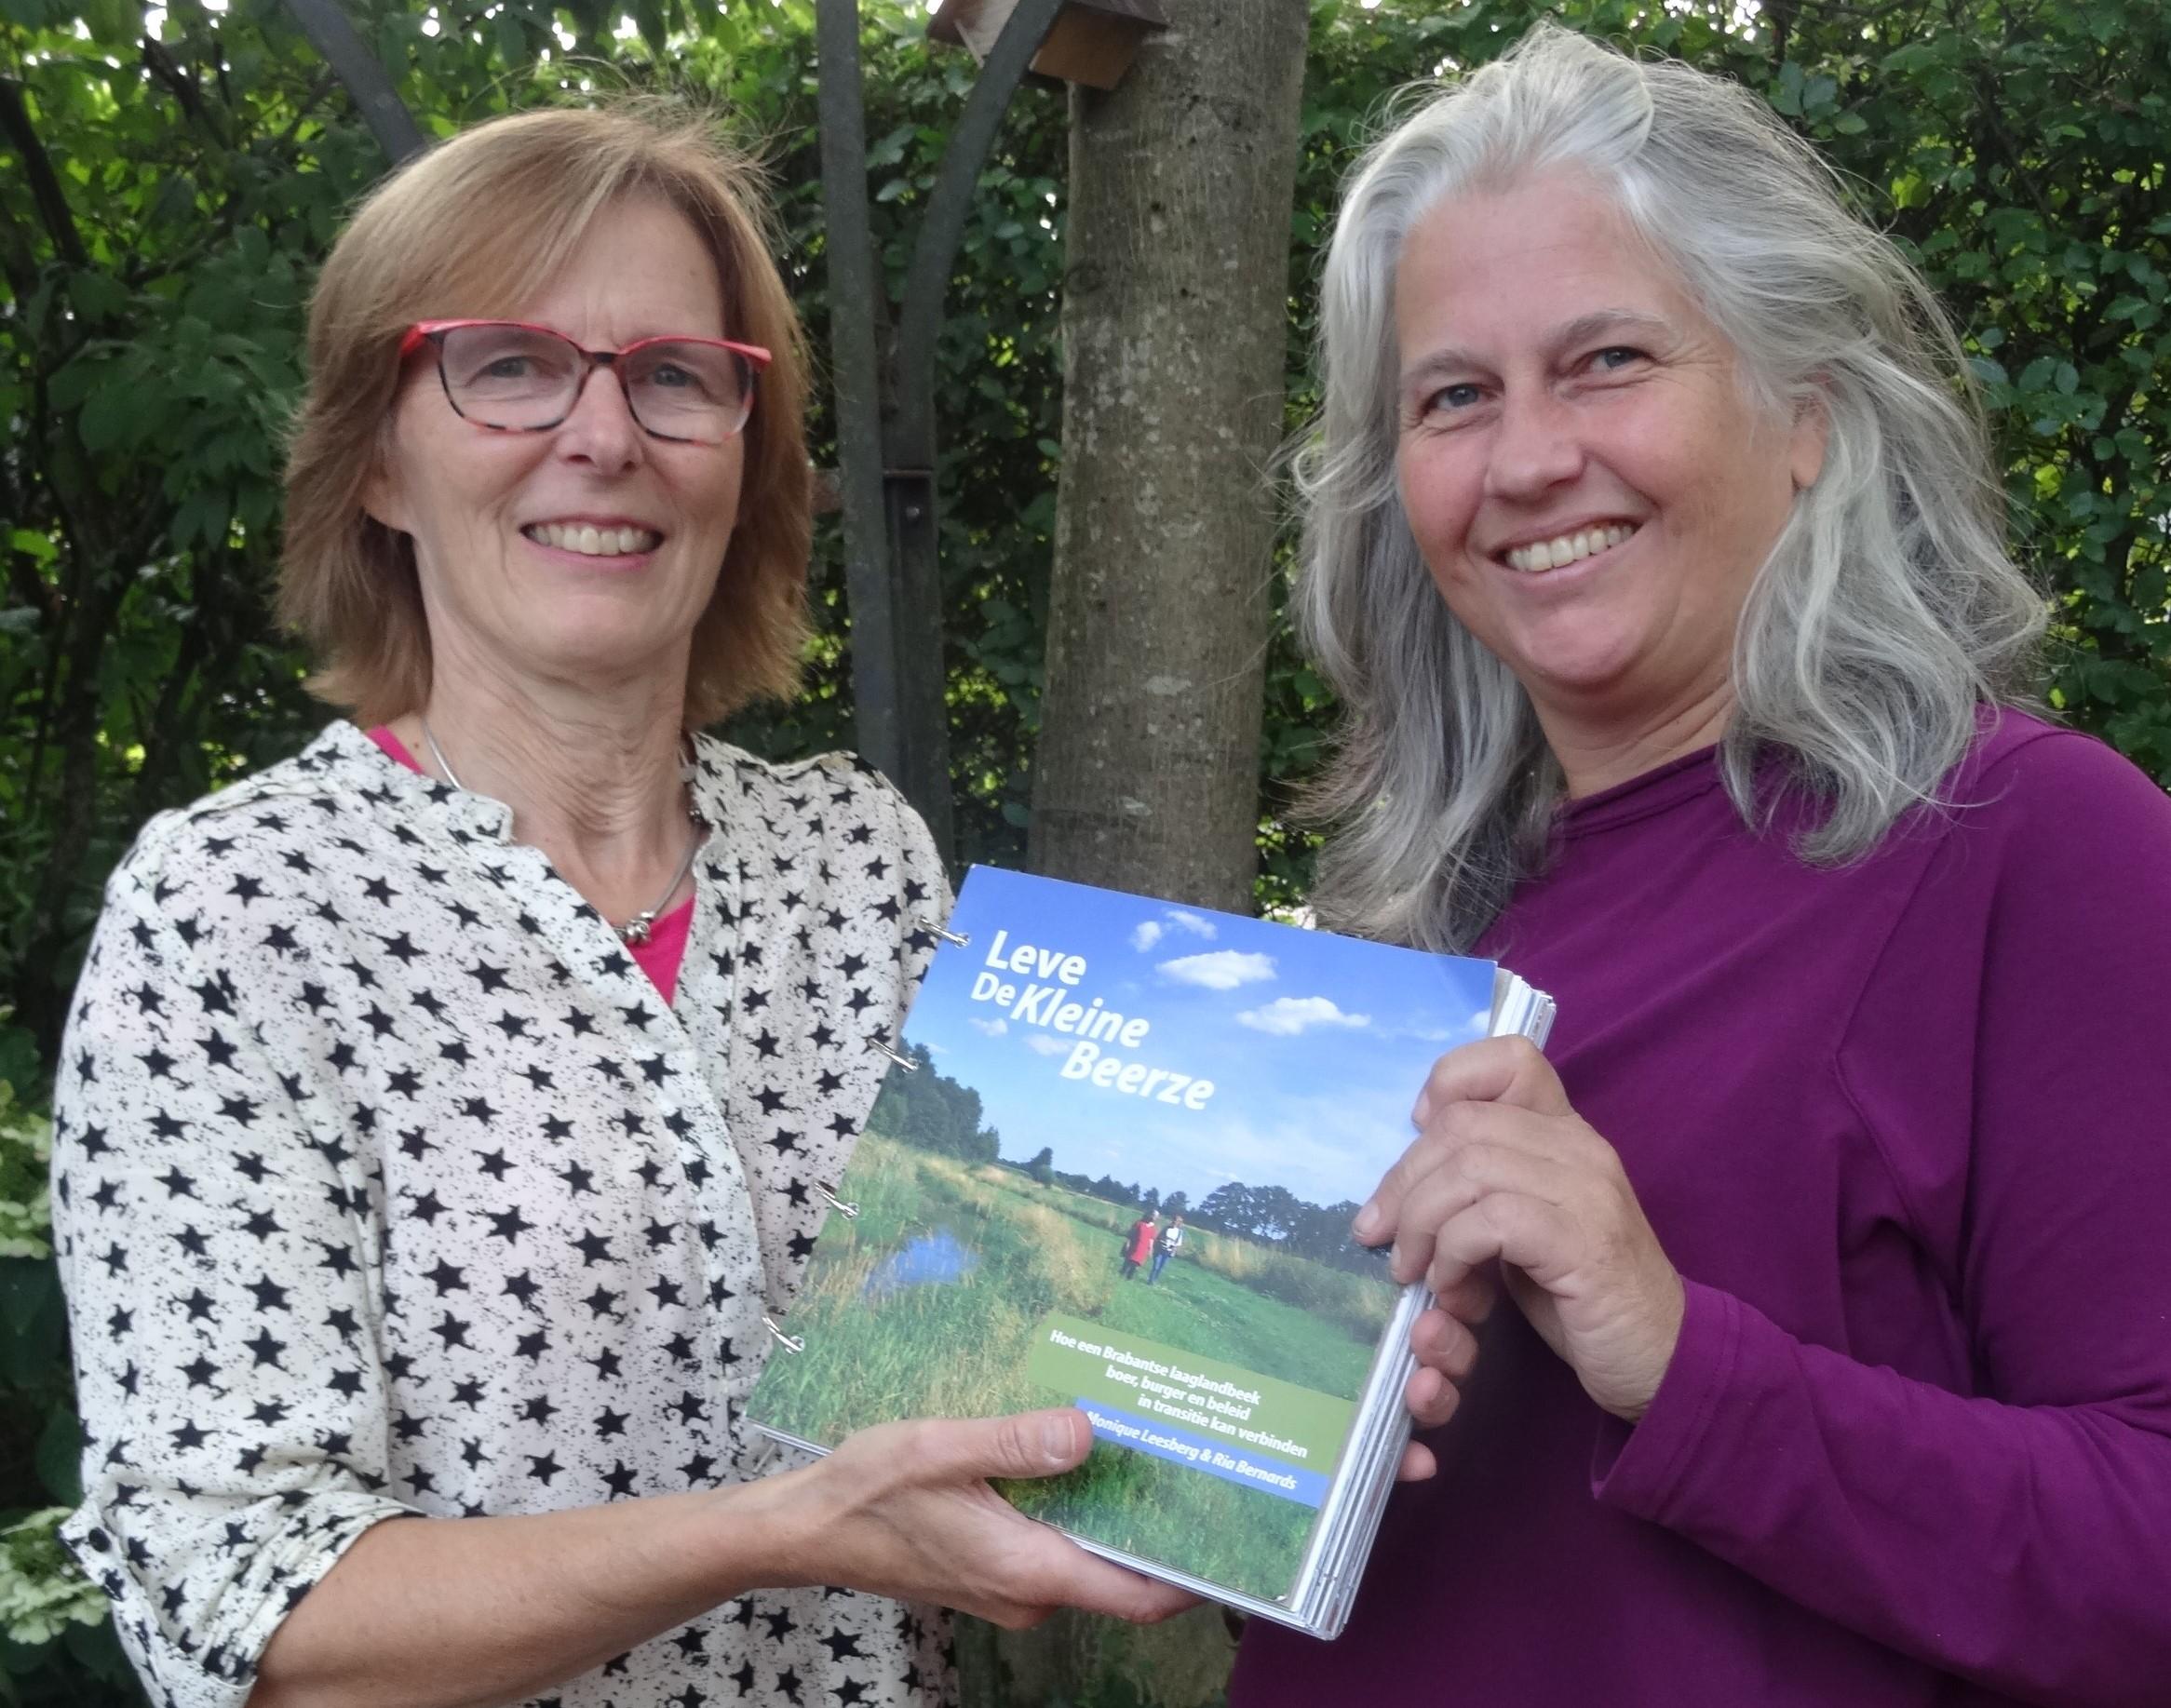 Dal van de Kleine Beerze centraal in boek en landkunst